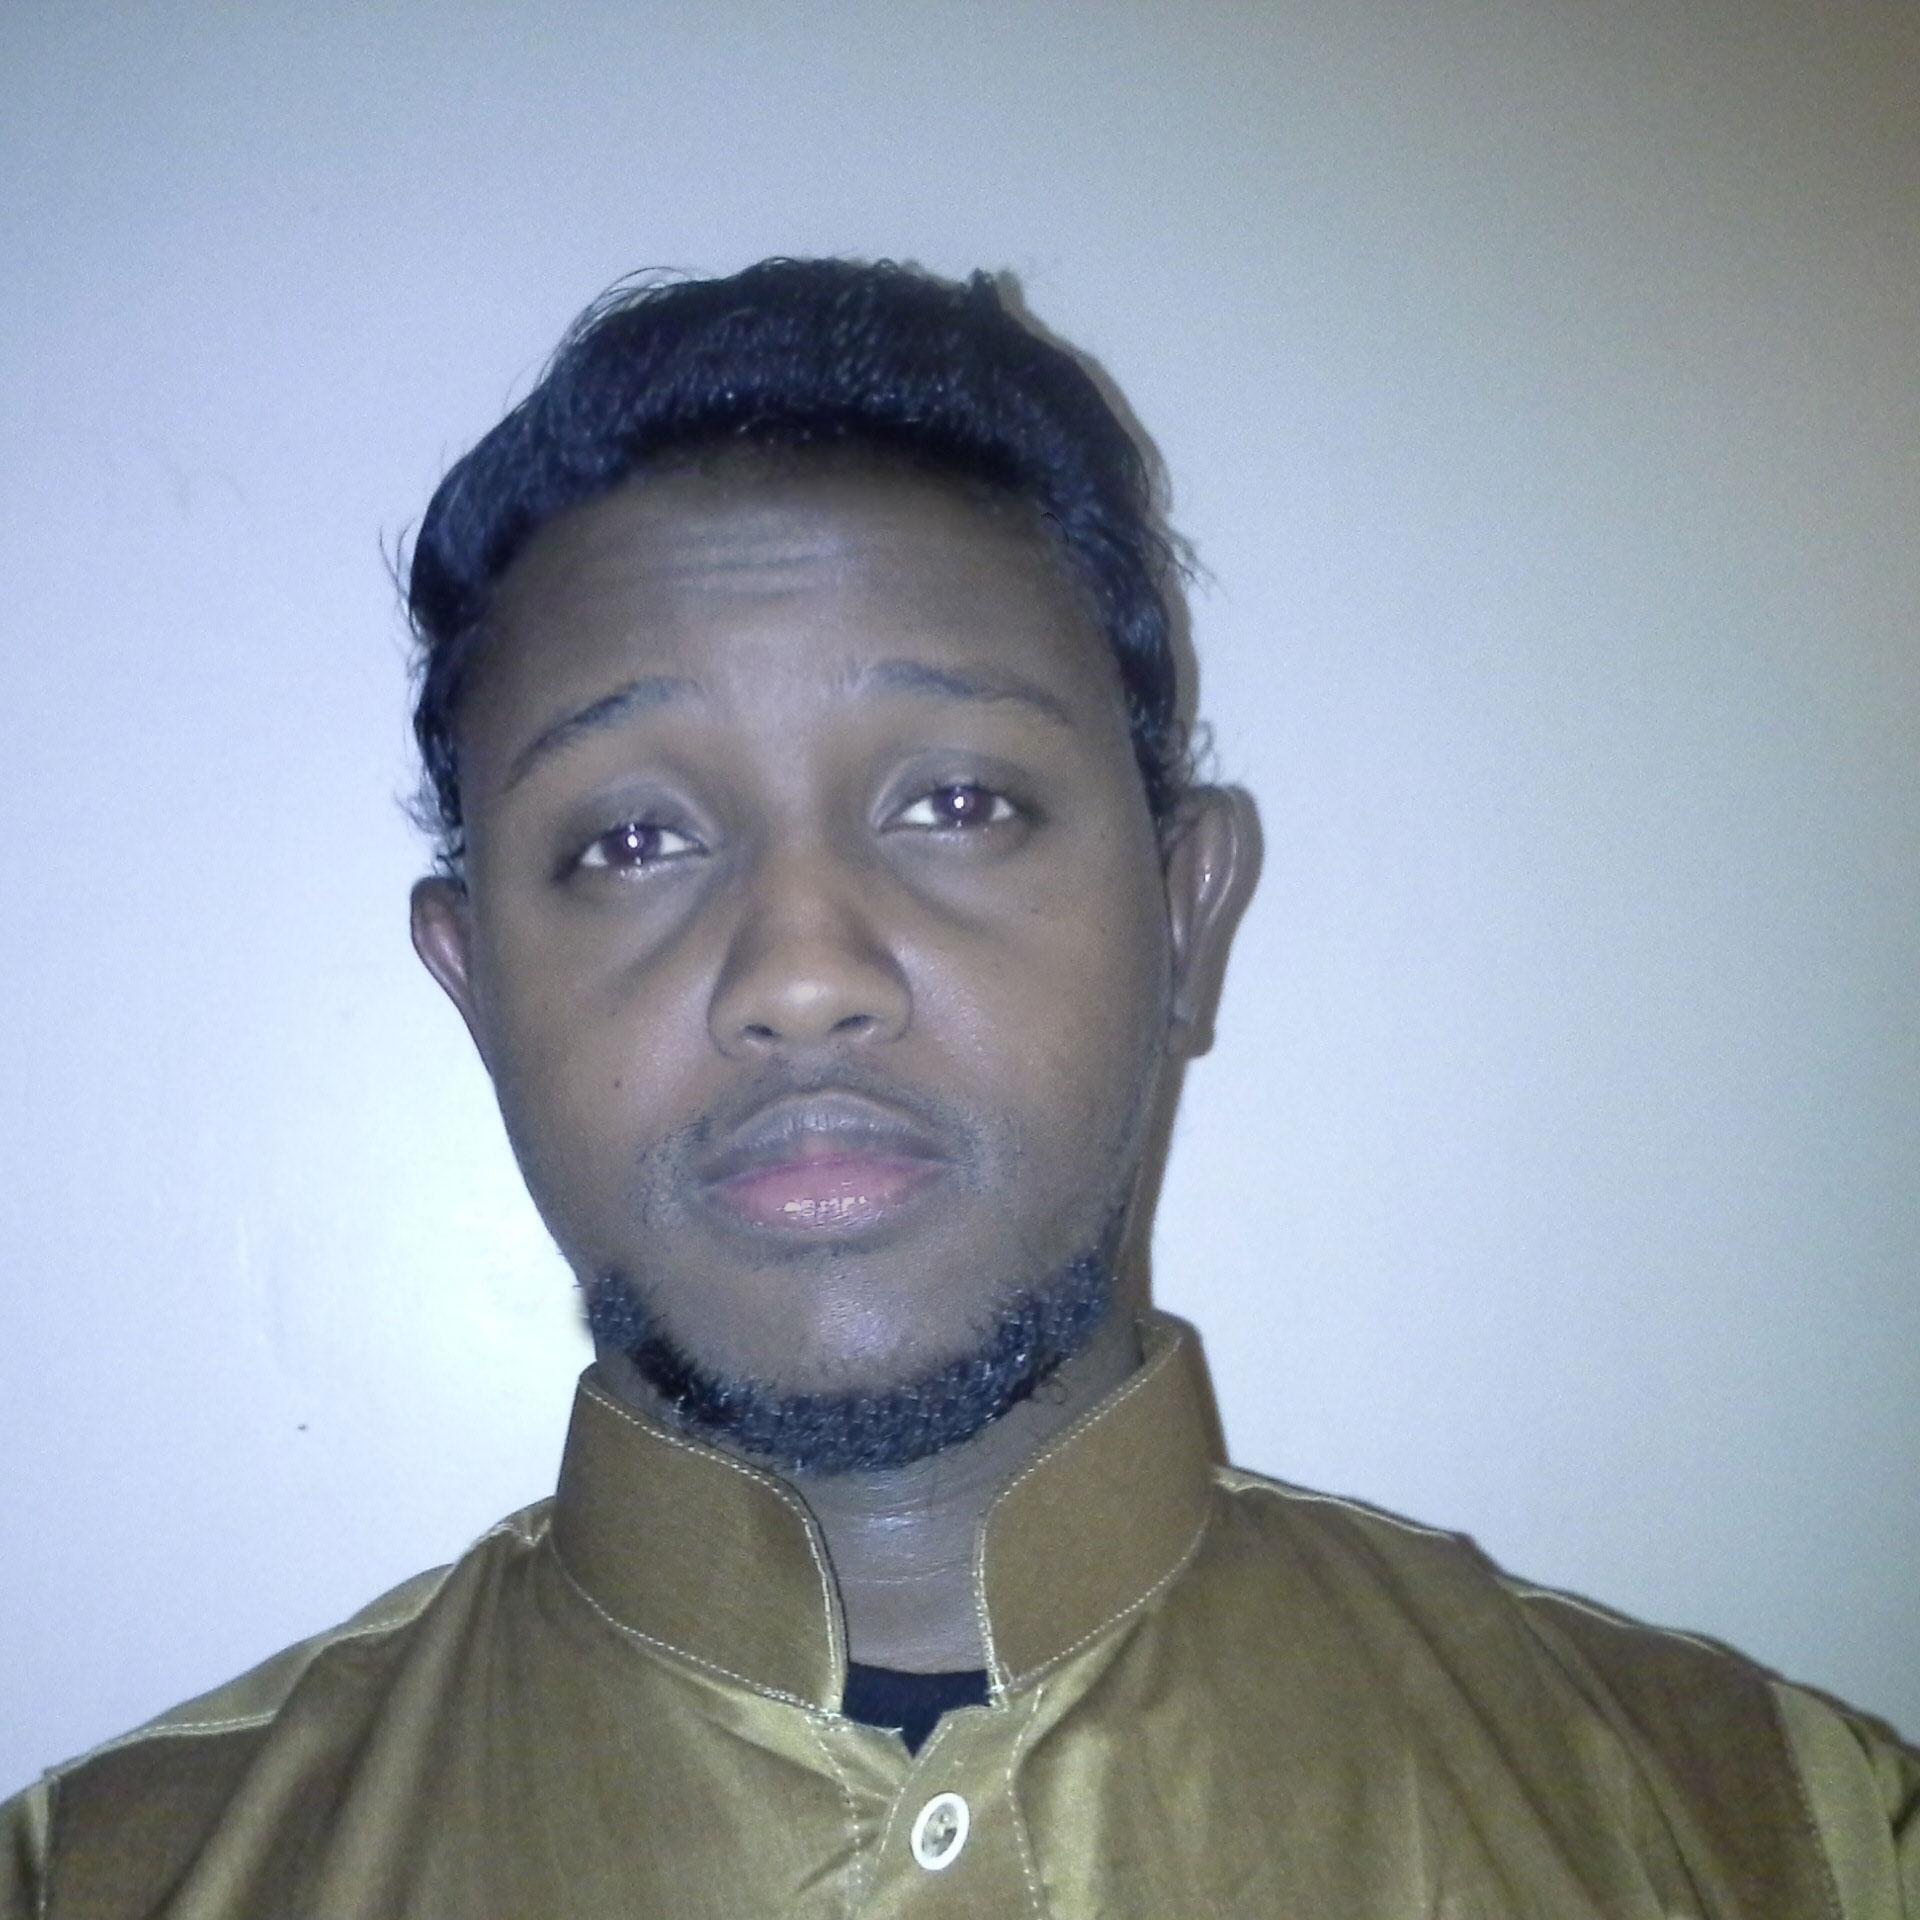 Muaad Abdirahman